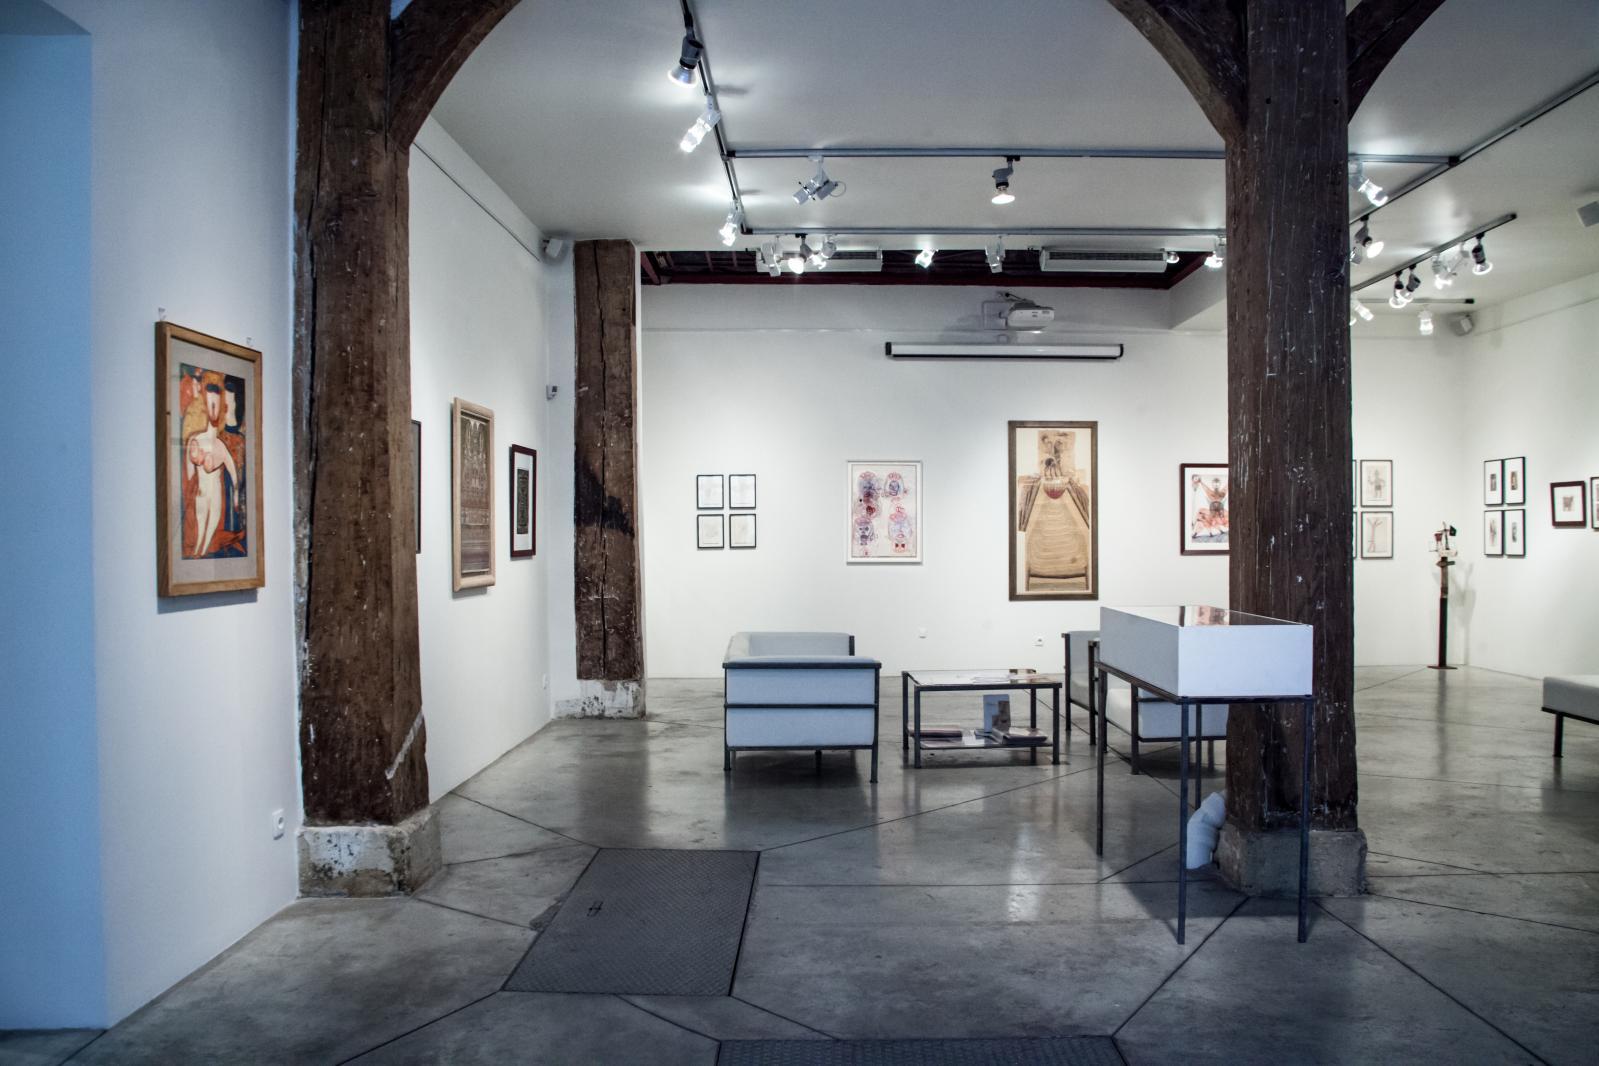 Vue de la galerie Christian Berst, lors de l'exposition «Art brut, masterpieces et découvertes. Carte blanche à Bruno Decharme», en octobre-novembre 2